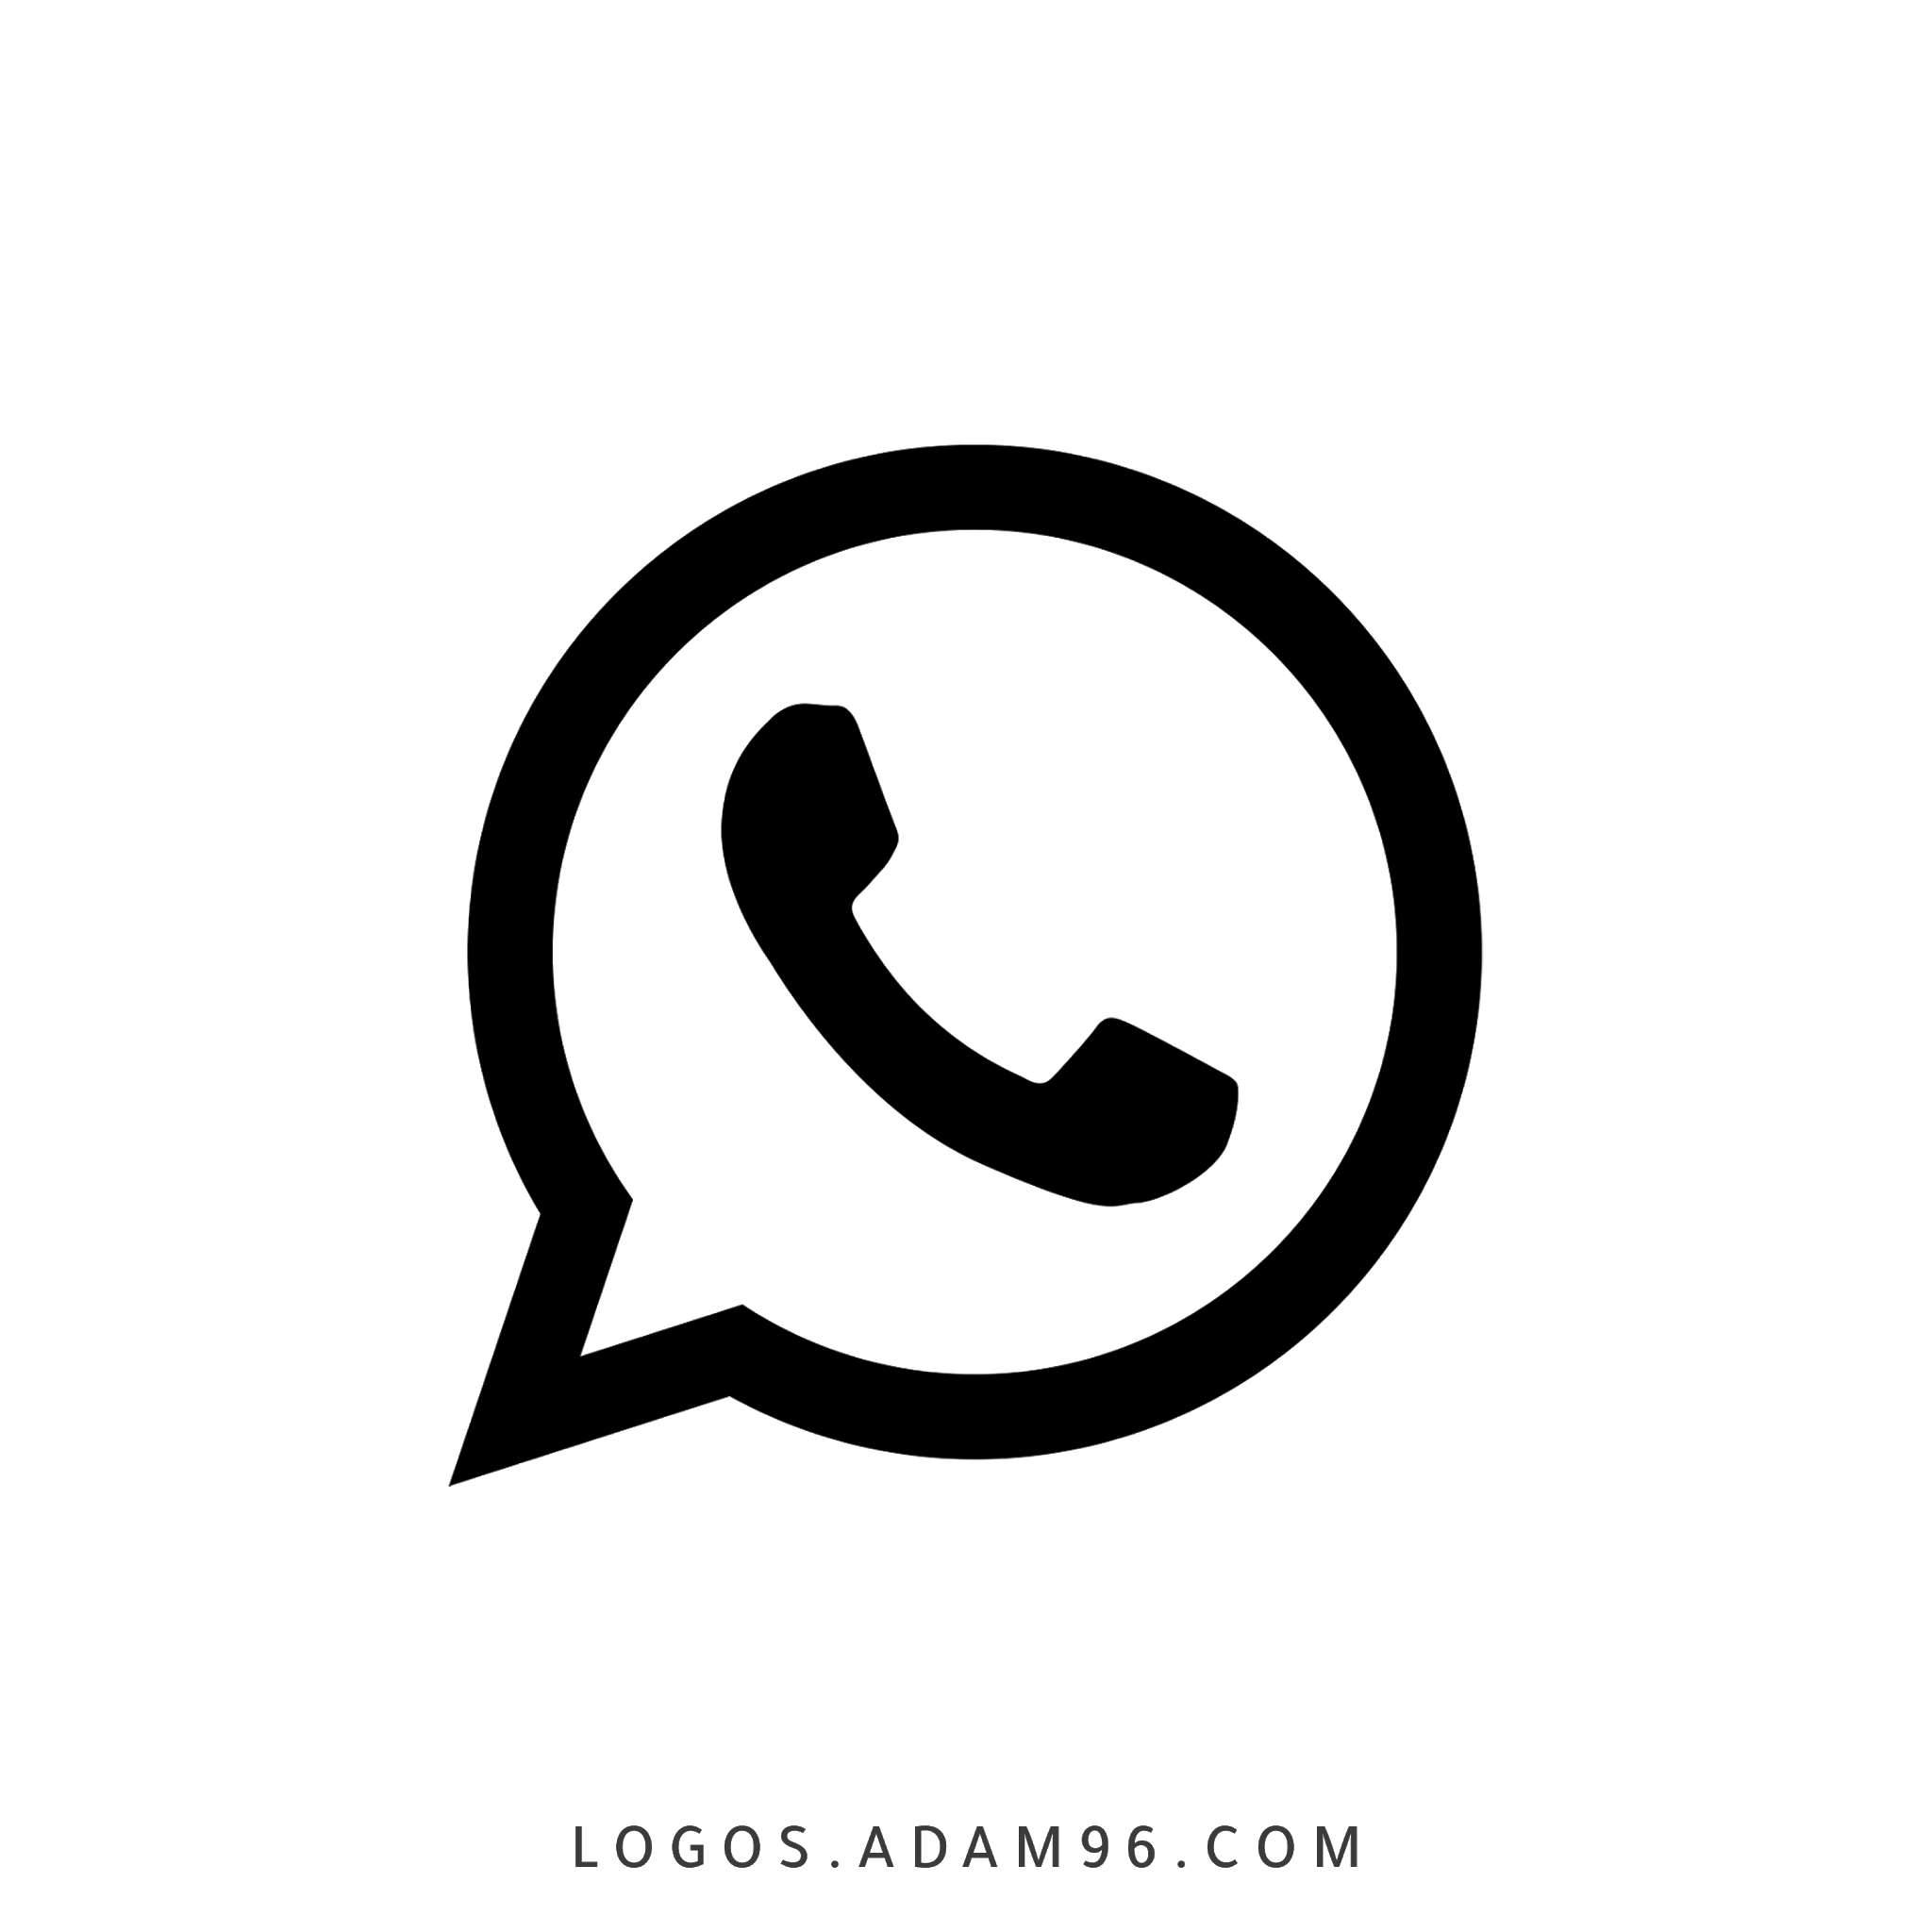 تحميل شعار واتساب اسود شفاف Logo Whatsapp Black